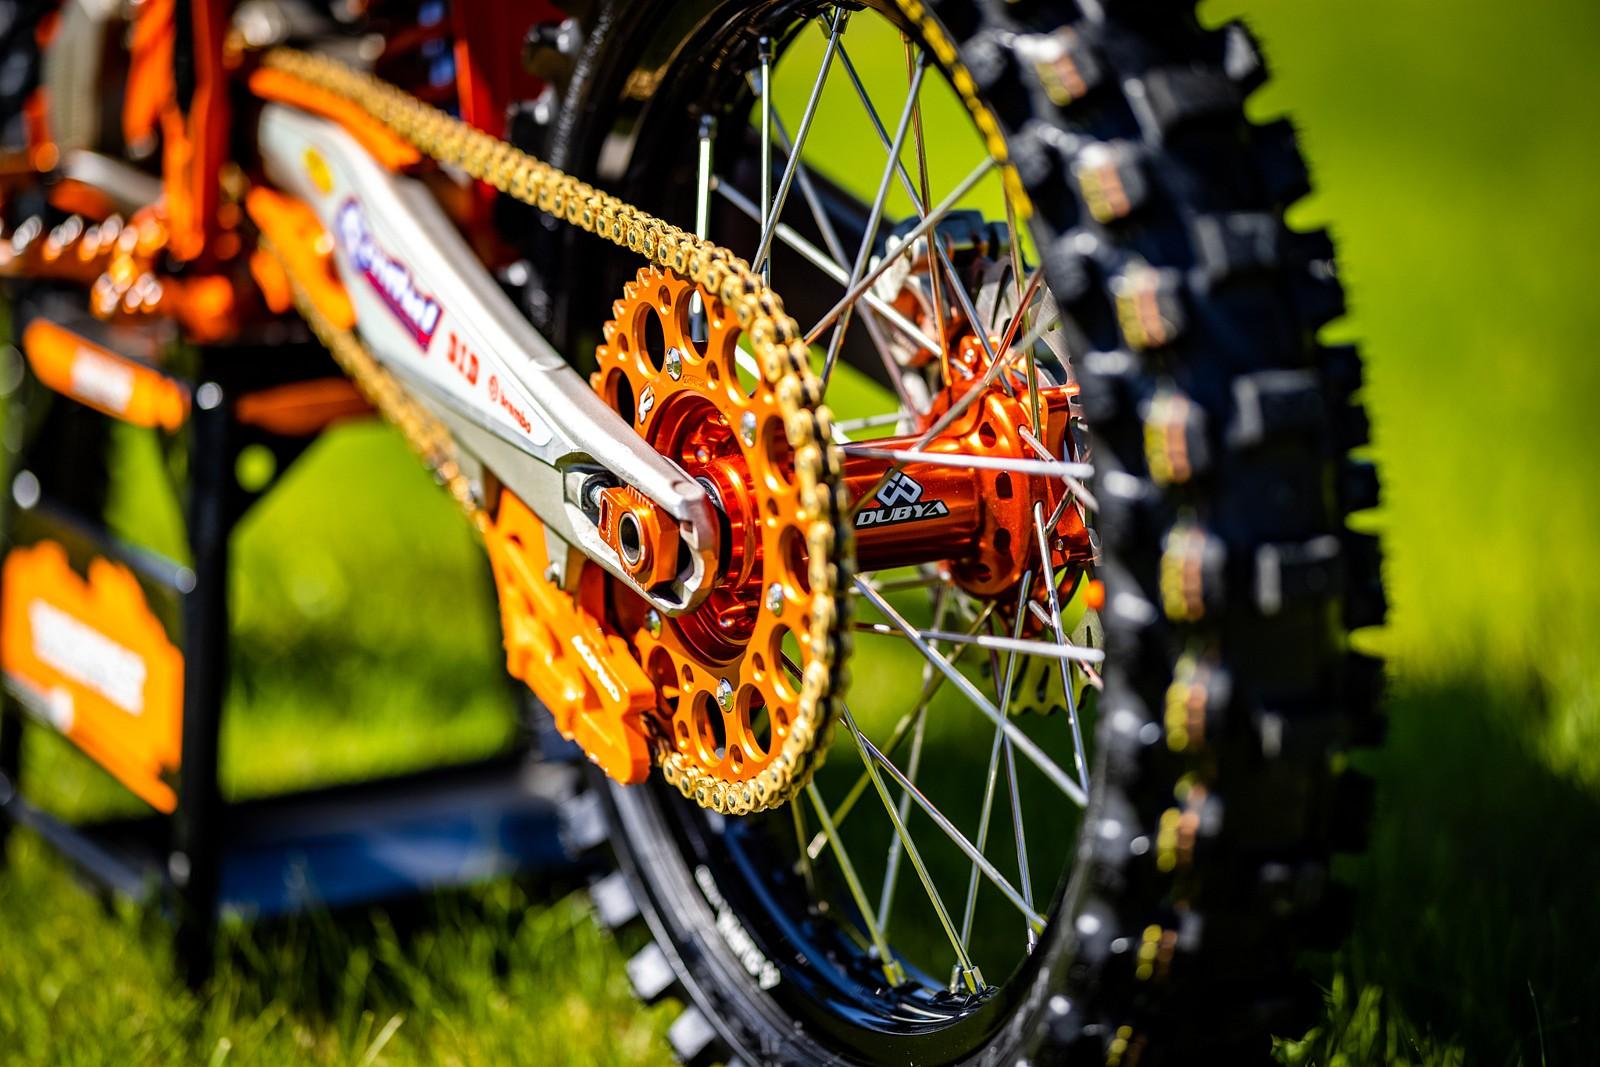 ktm 7 - GForce MMG - Motocross Pictures - Vital MX